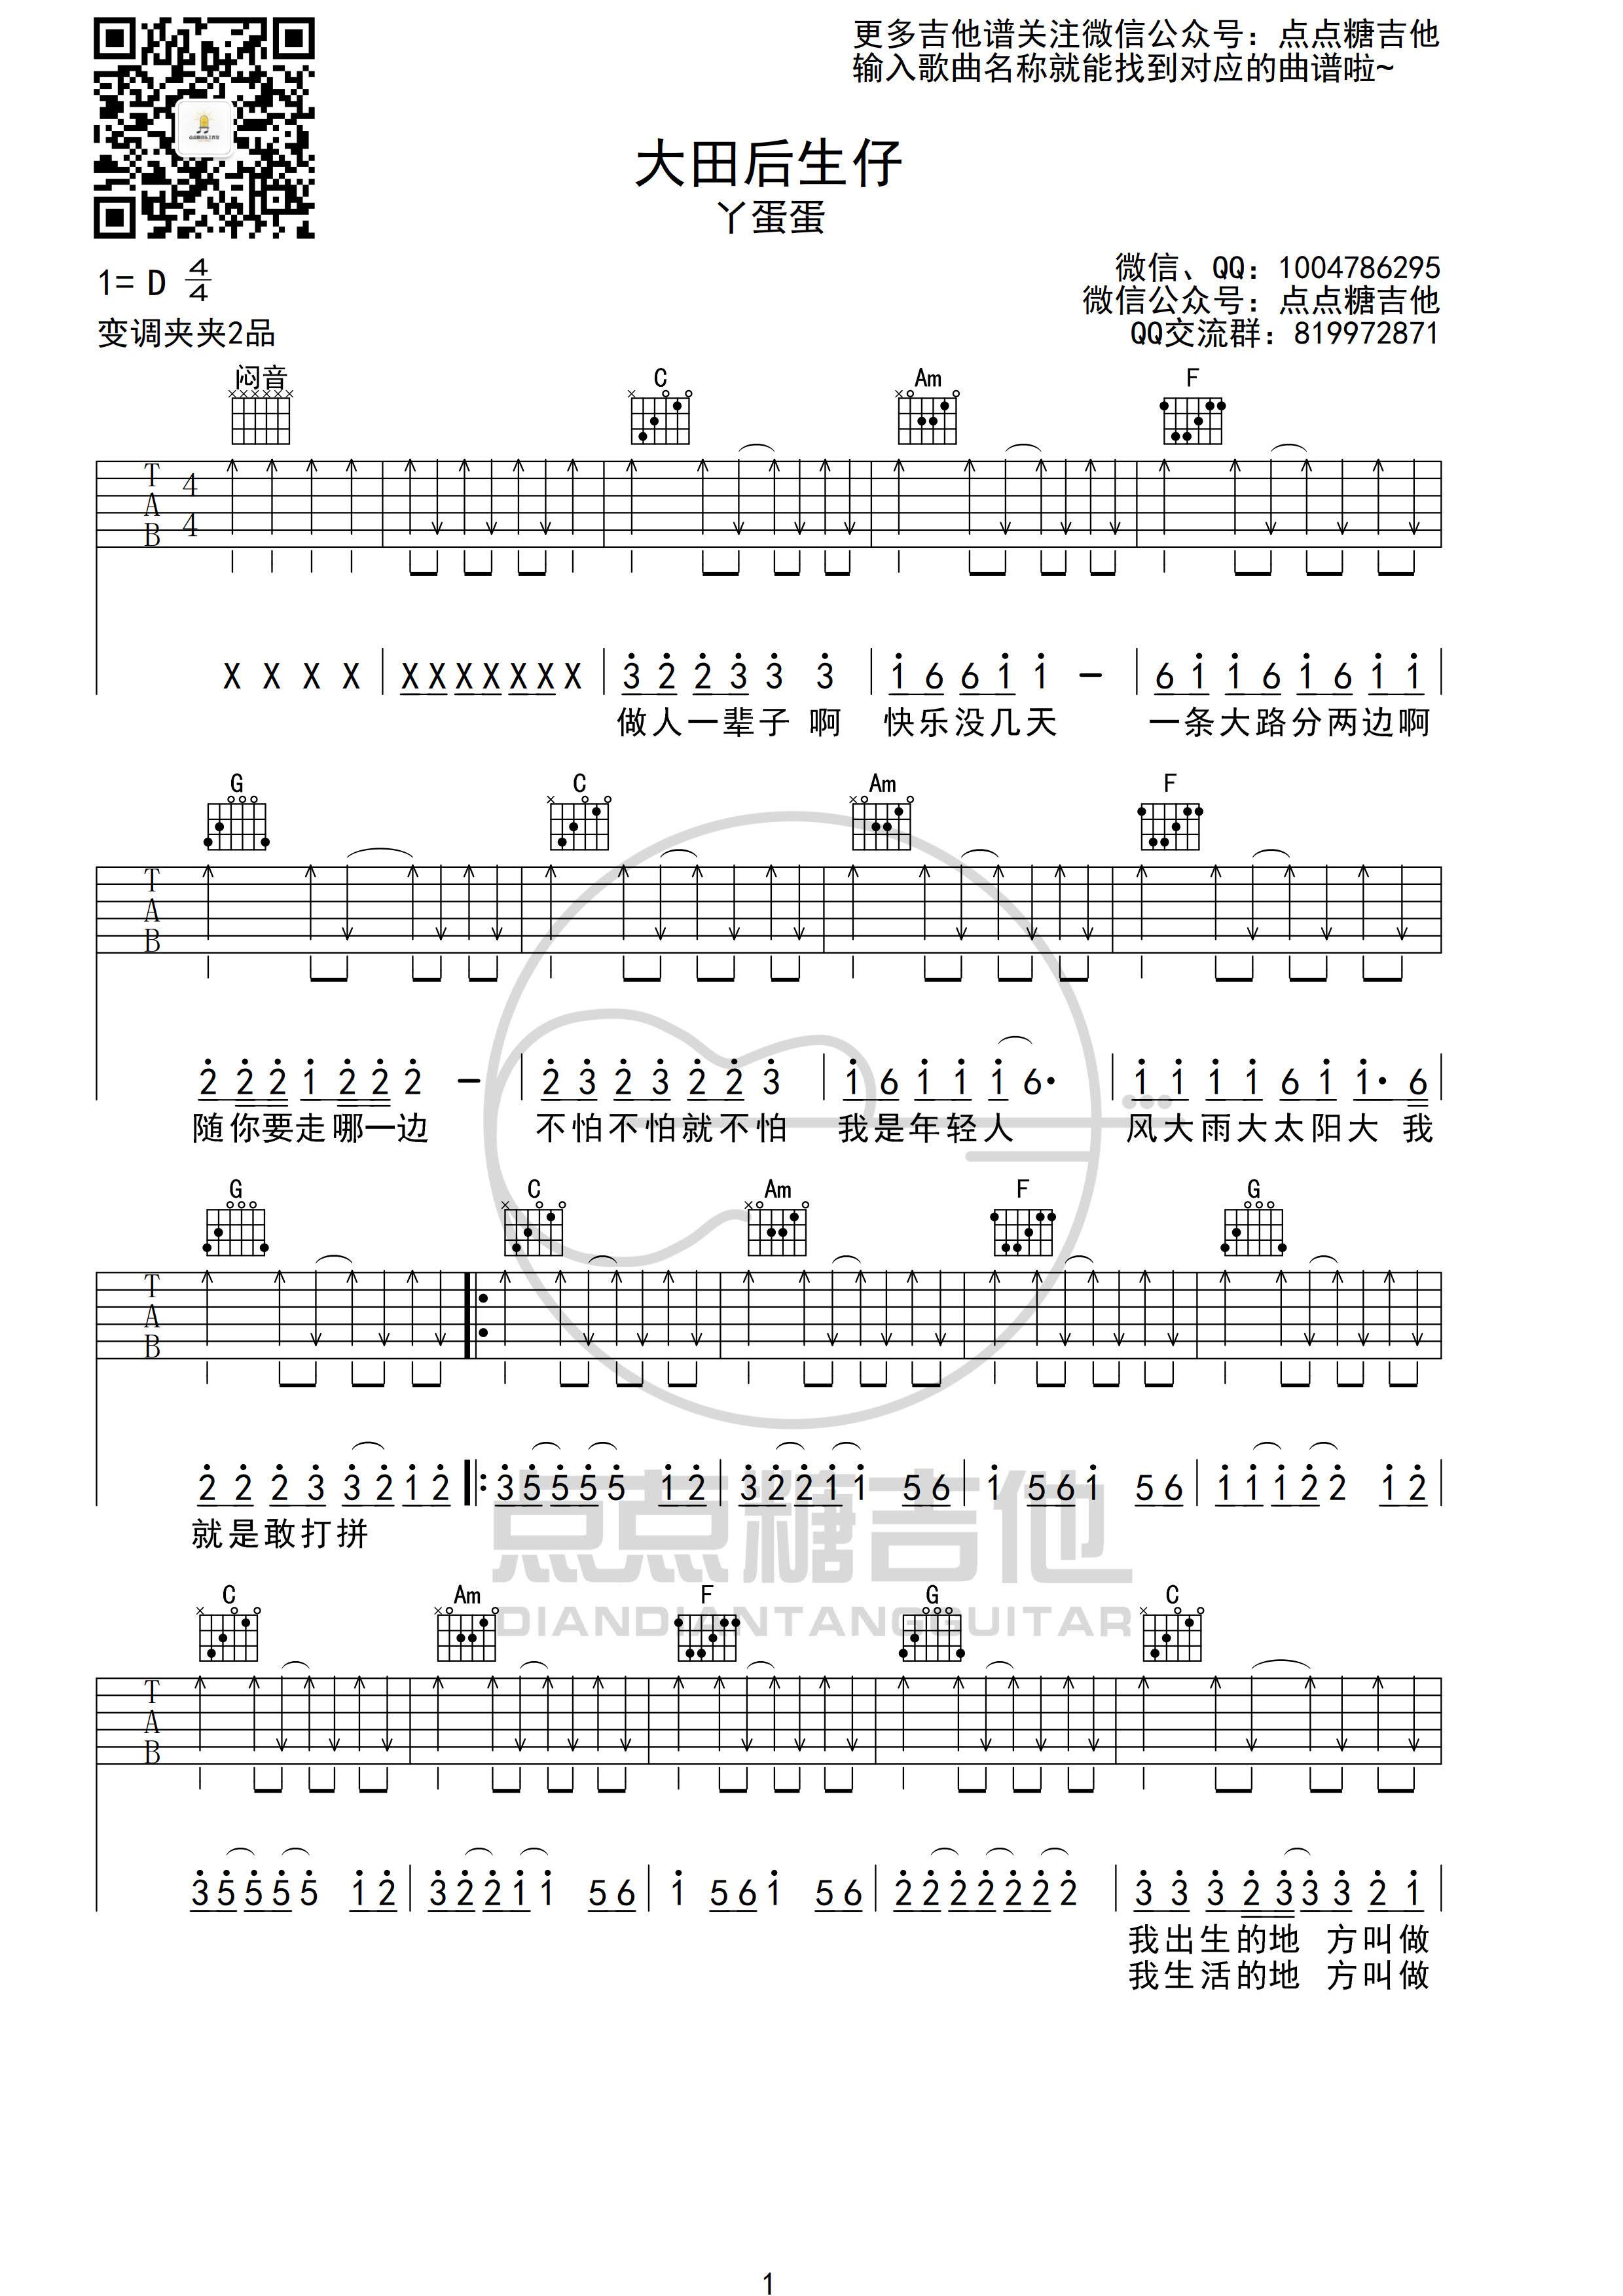 大田后生仔(丫蛋蛋 C调吉他弹唱谱)吉他谱(图片谱,C调,扫弦,丫蛋蛋)_林启得(林啟得)_大田后生仔1 300.jpg